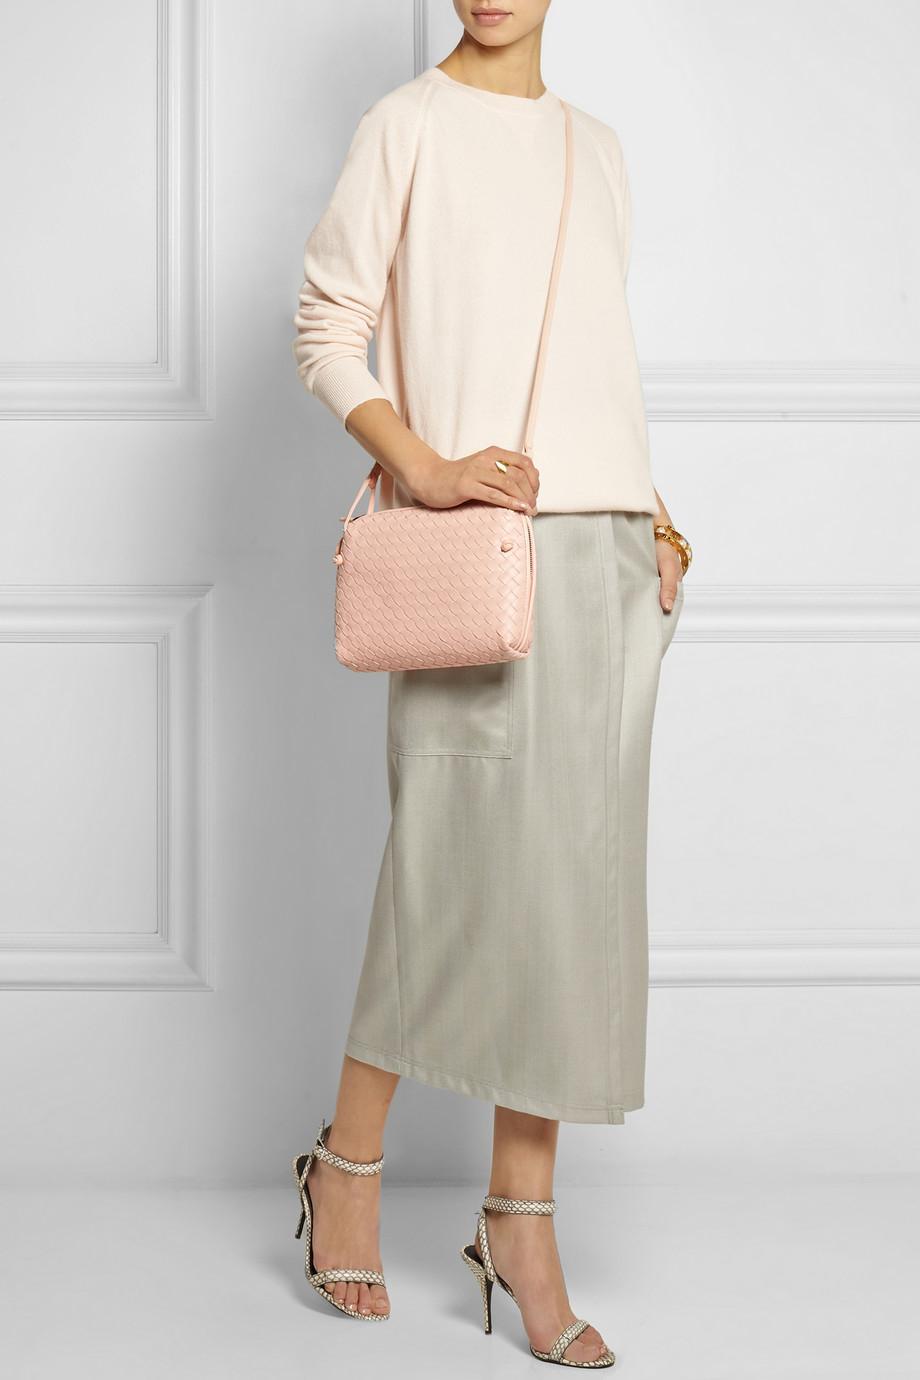 61a256142a15 Bottega veneta Messenger Intrecciato Leather Shoulder Bag in Pink .